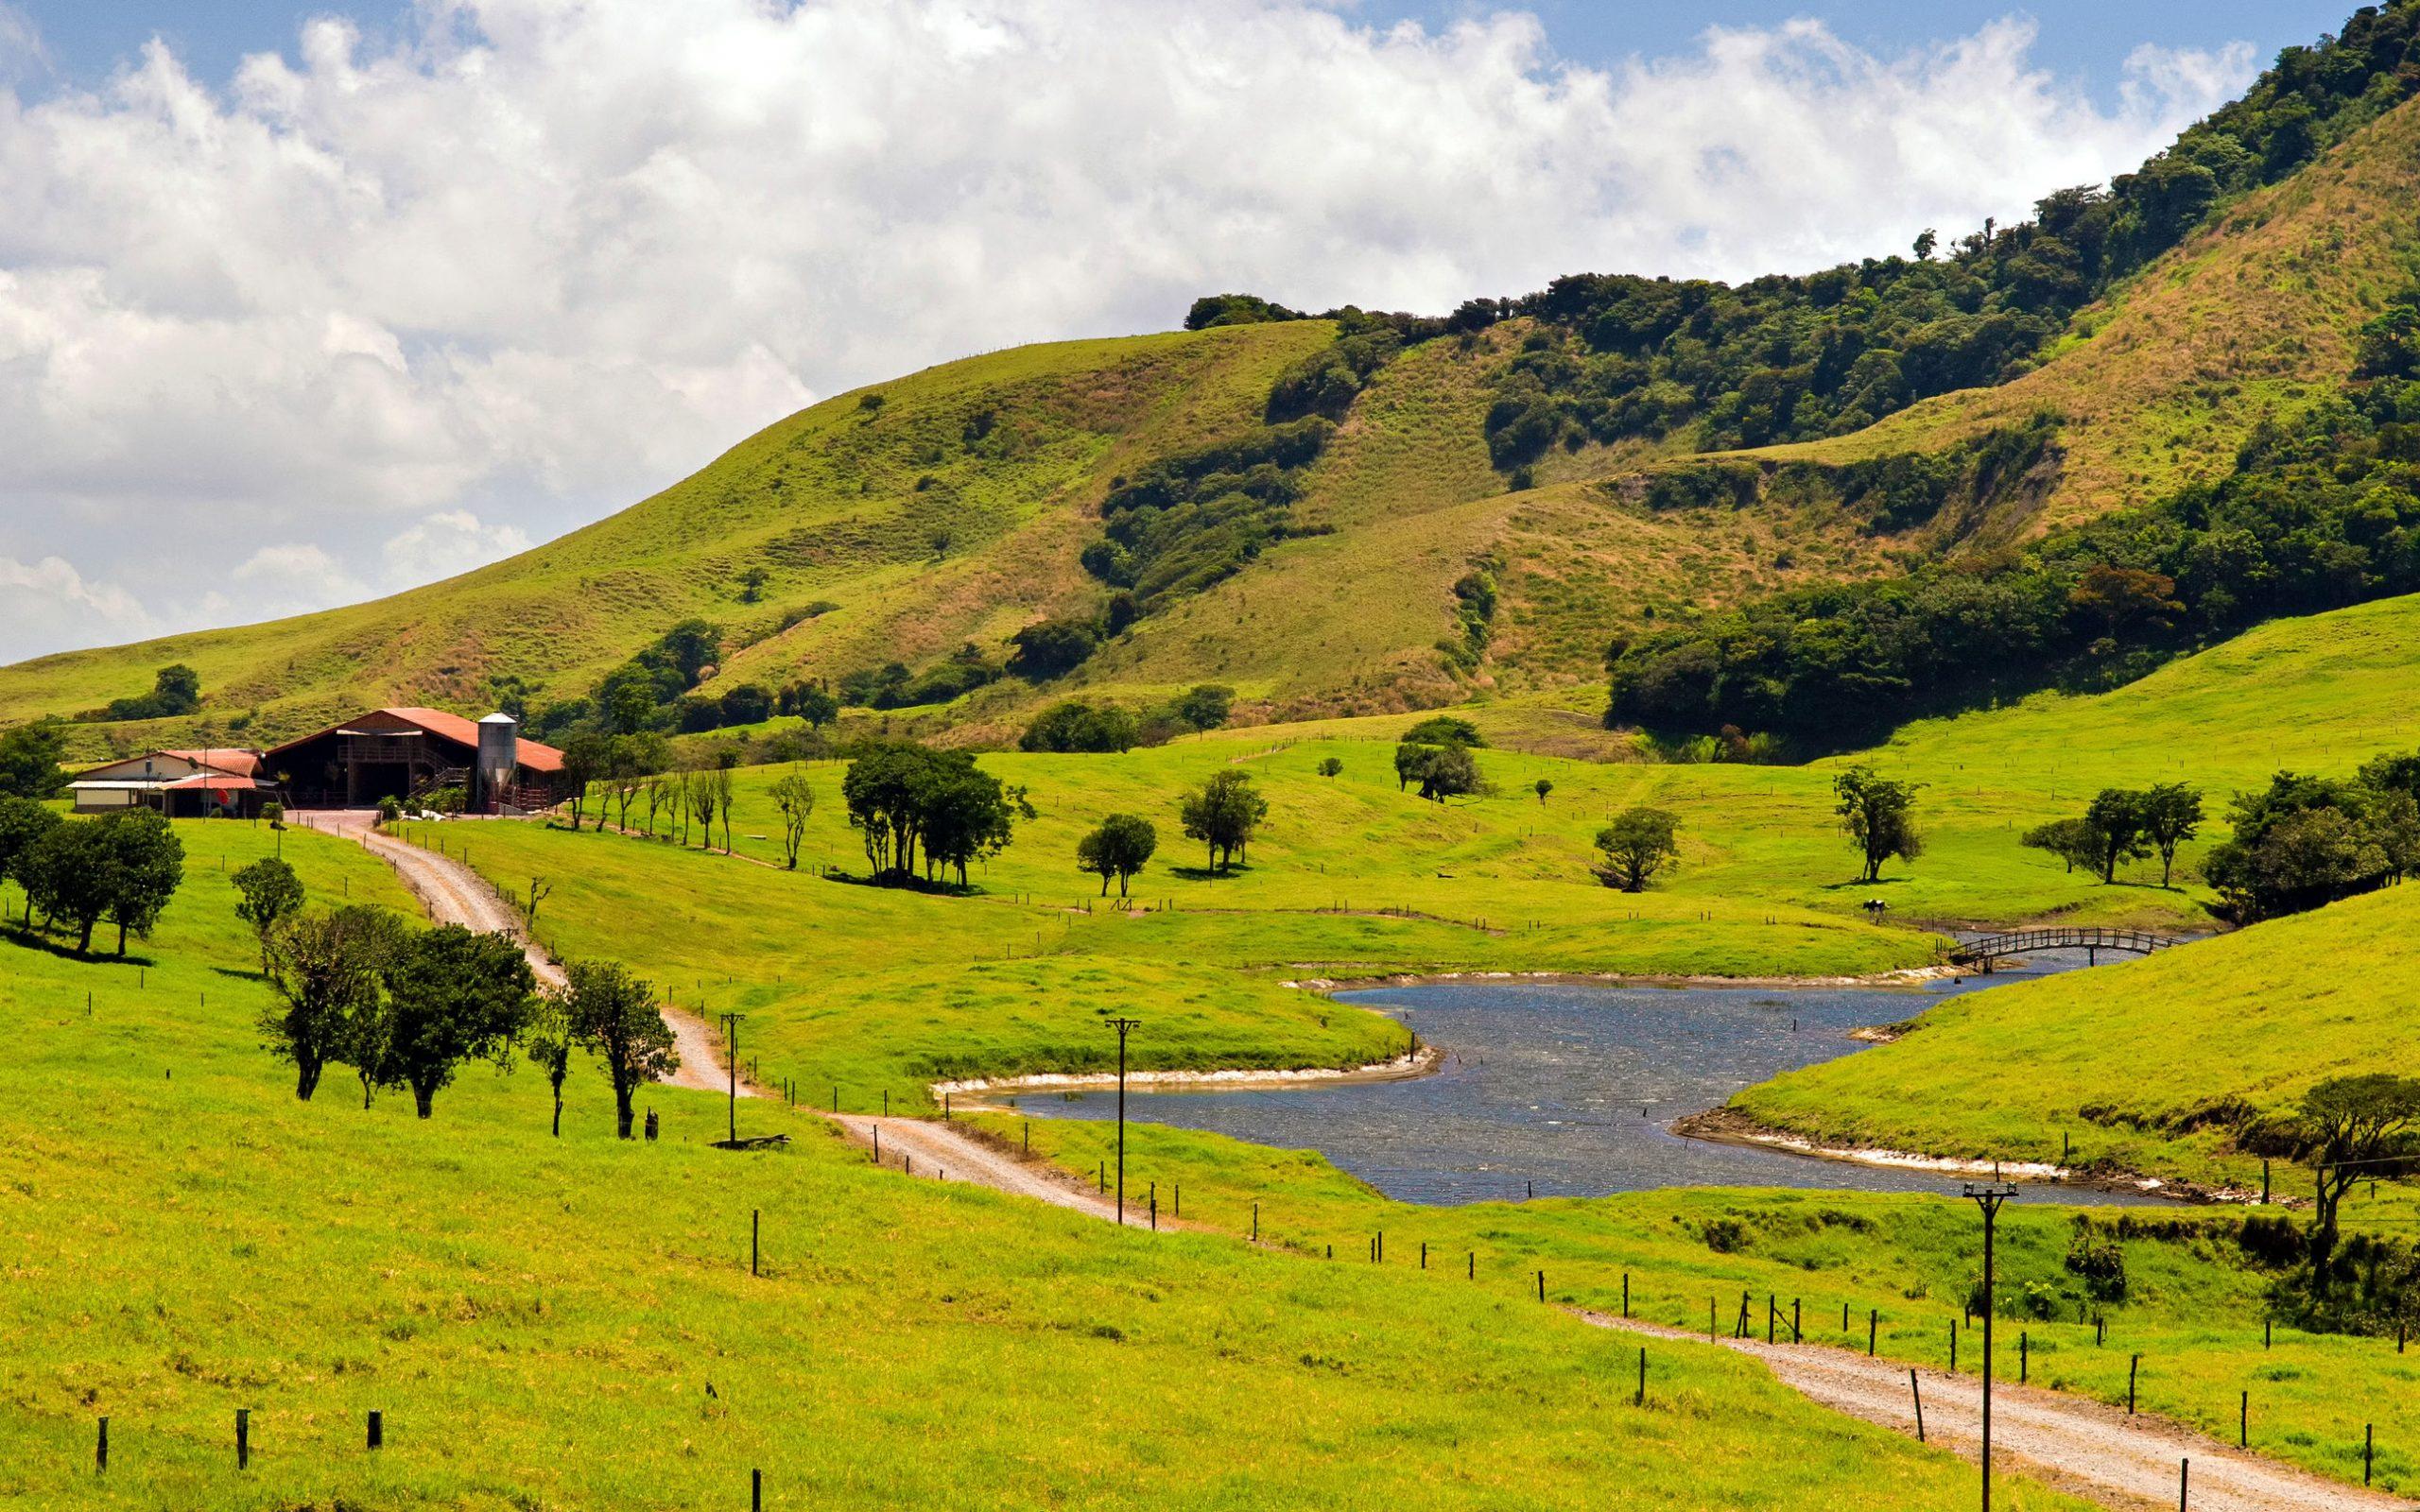 Cultural landscape in Costa Rica